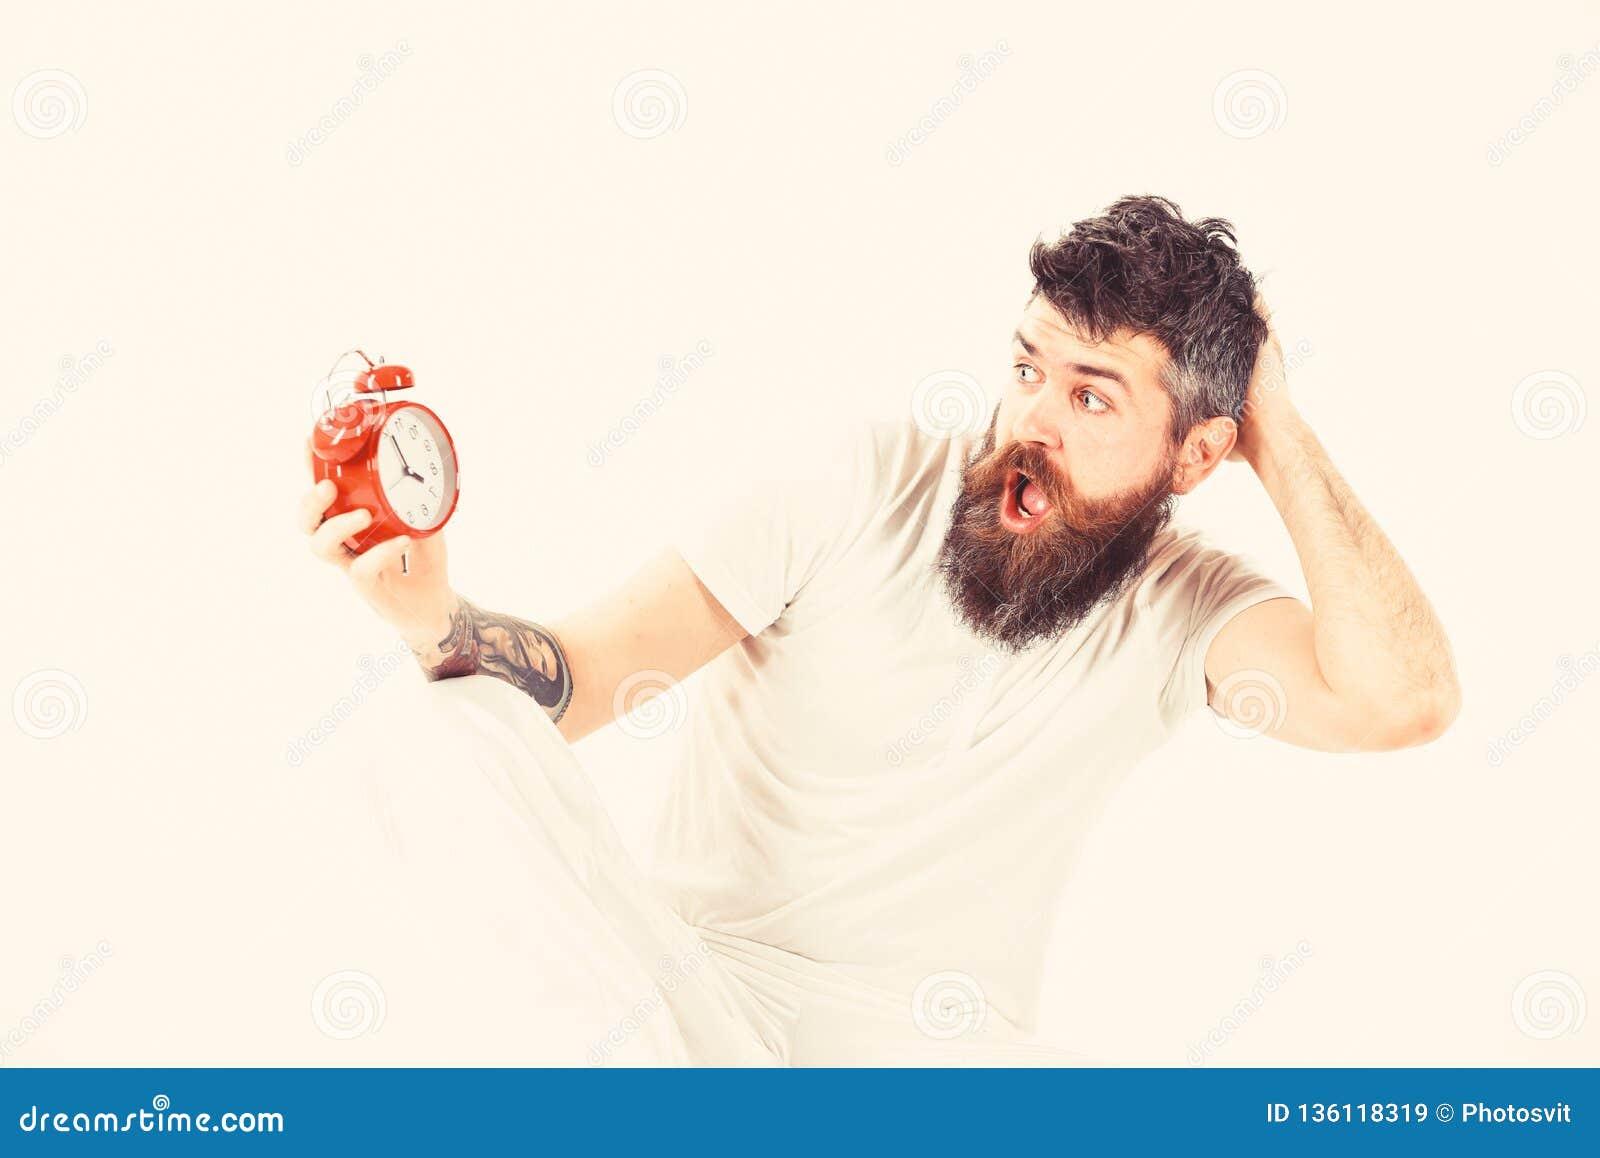 O moderno com barba e bigode durmiu demais O homem com cara chocada senta, guarda o despertador O homem precisa de levantar-se ma